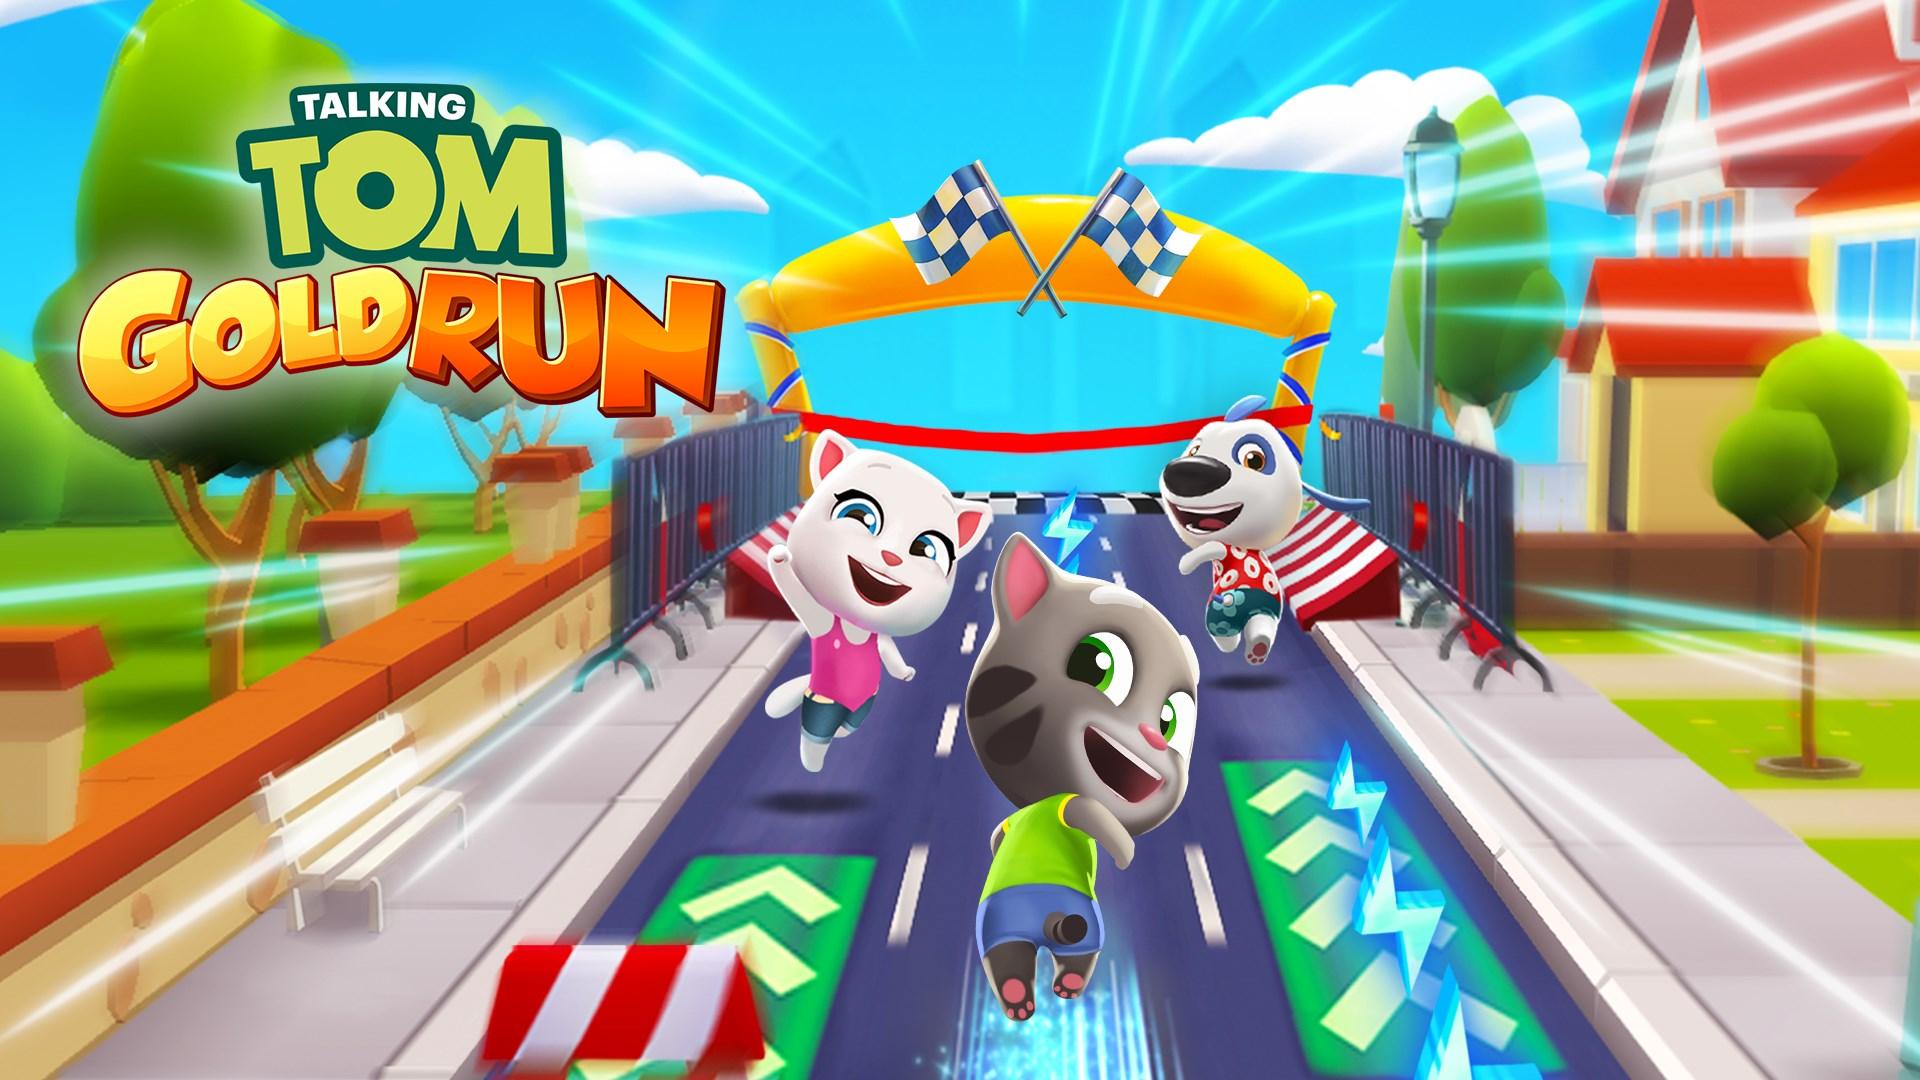 دانلود بازی تام دونده 5.2.0.957 Talking Tom Gold Run برای اندروید و iOS